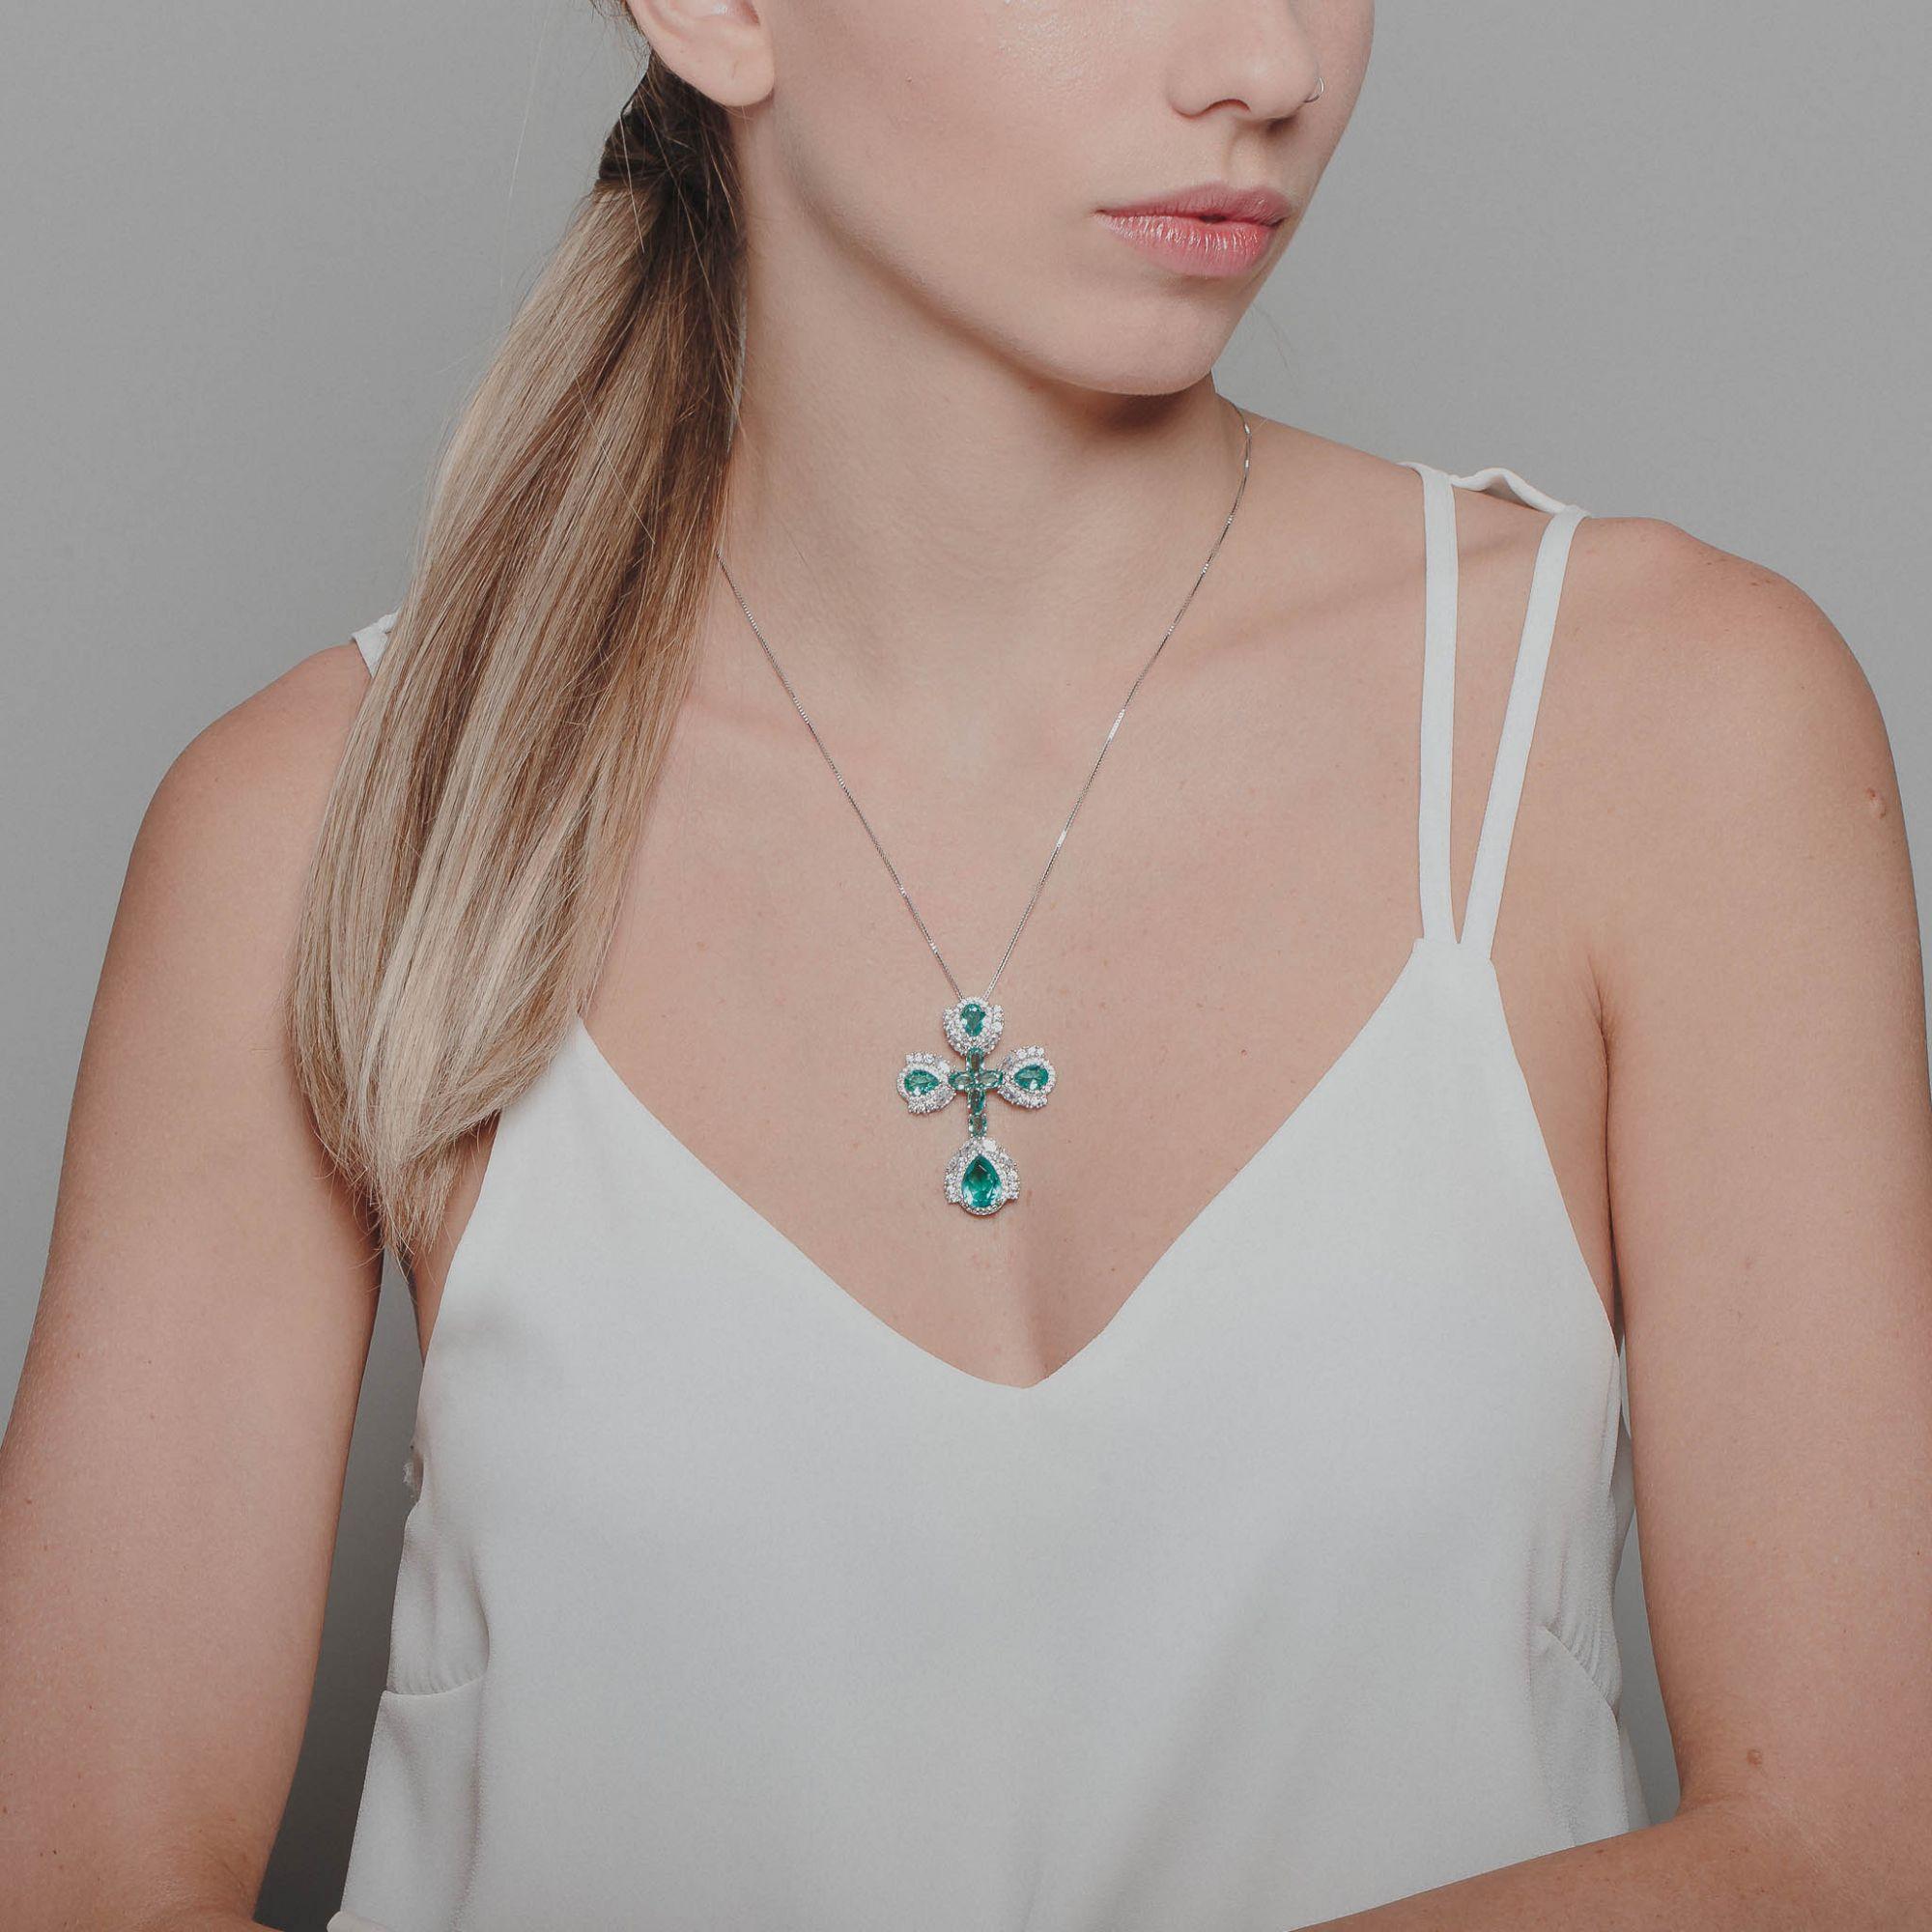 Colar crucifixo com zircônias cristais e turmalina banho de ródio branco.  - romabrazil.com.br